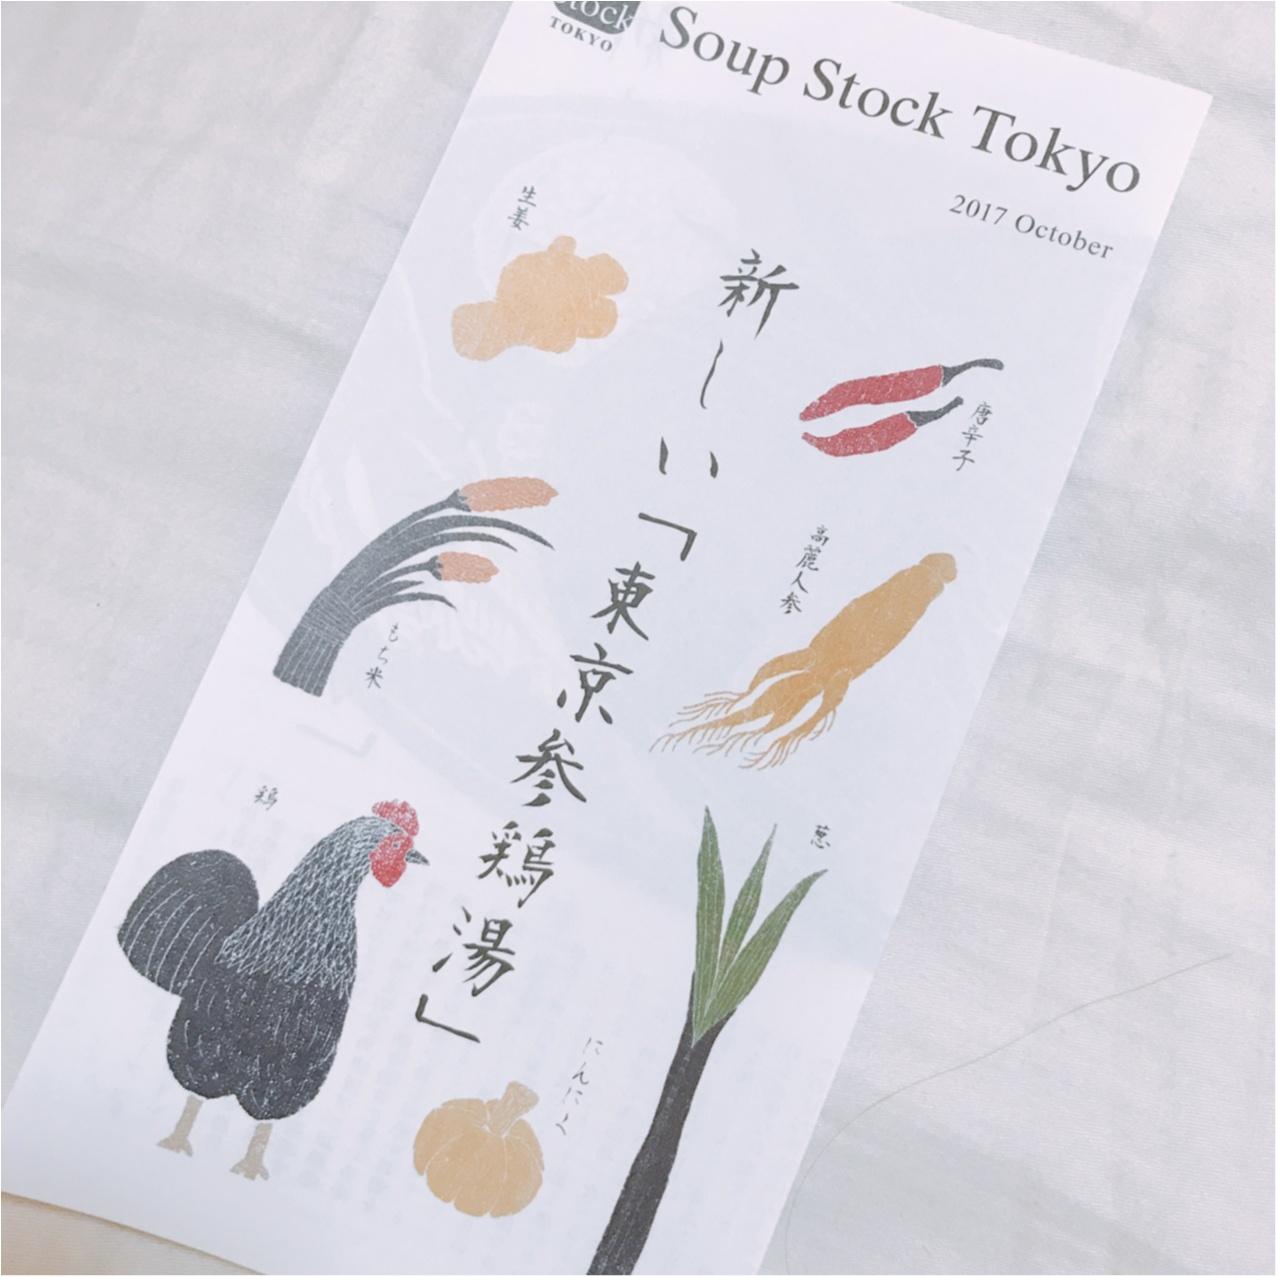 肌寒い日は《Soup Stock Tokyo》へ!新しくなった「参鶏湯(サンゲタン)」で温まろう♡_1